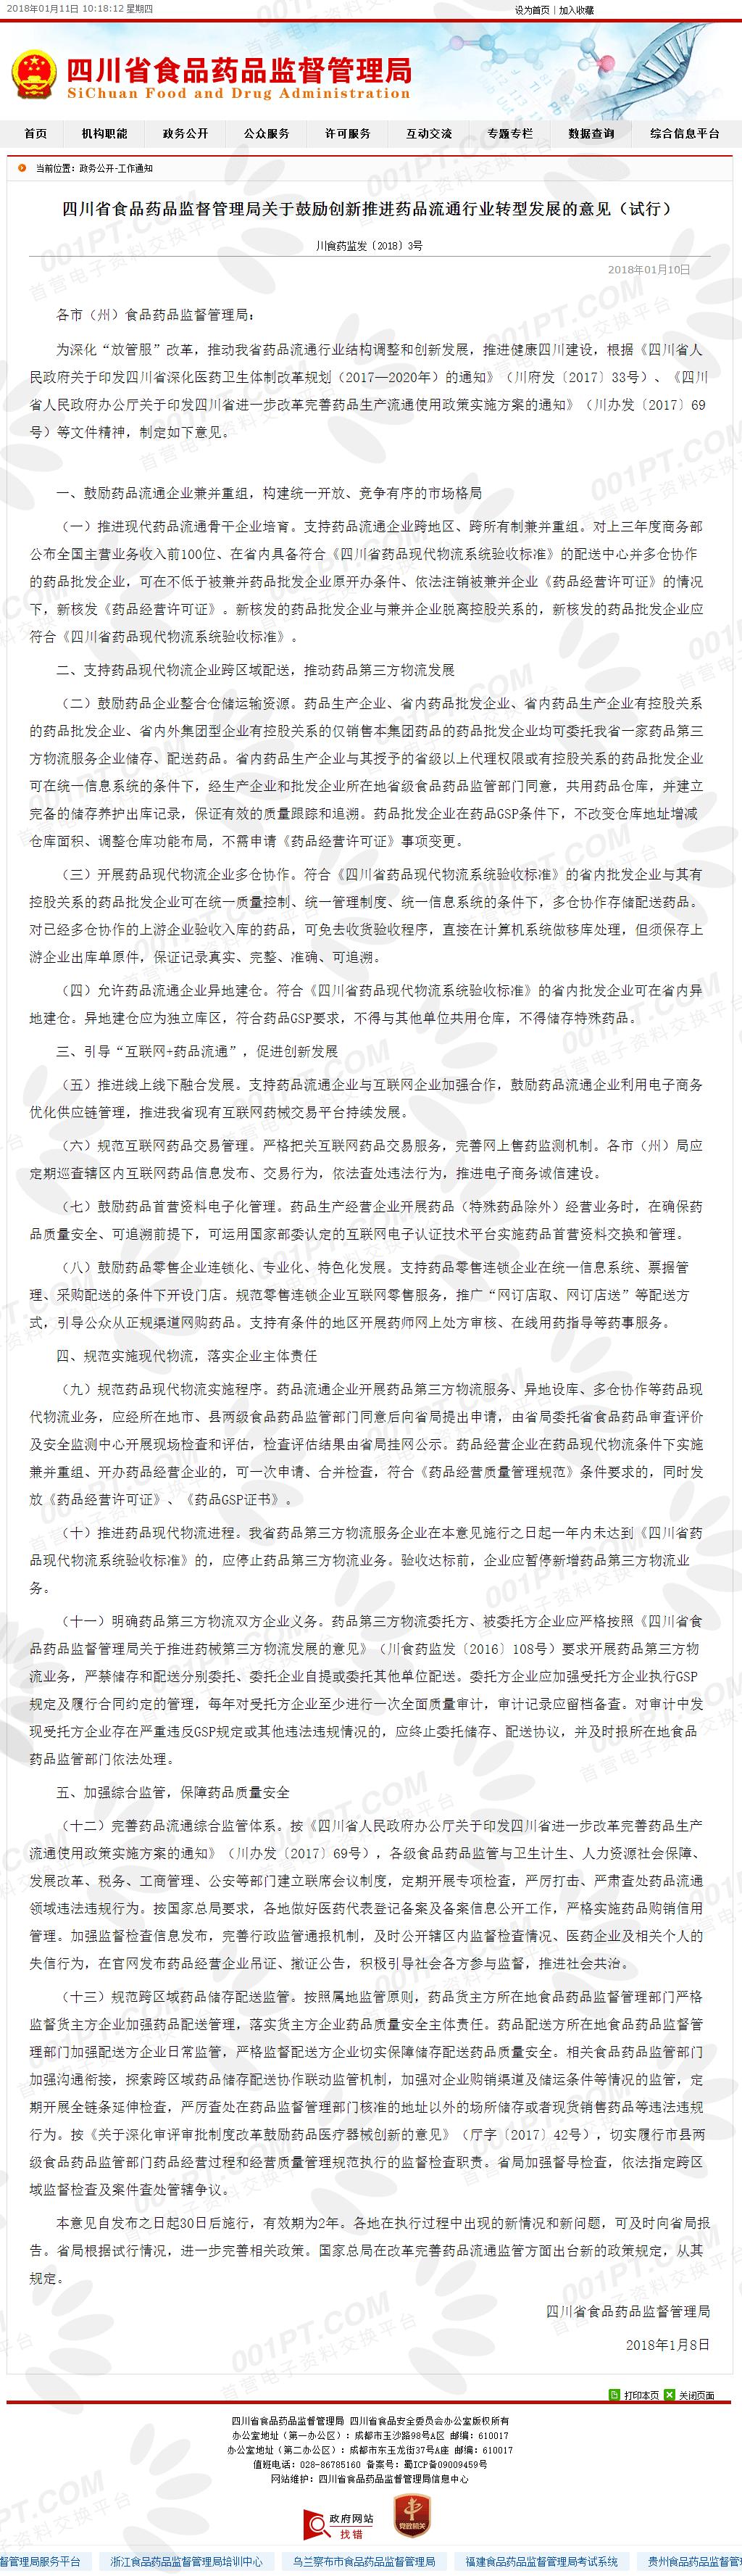 四川.png